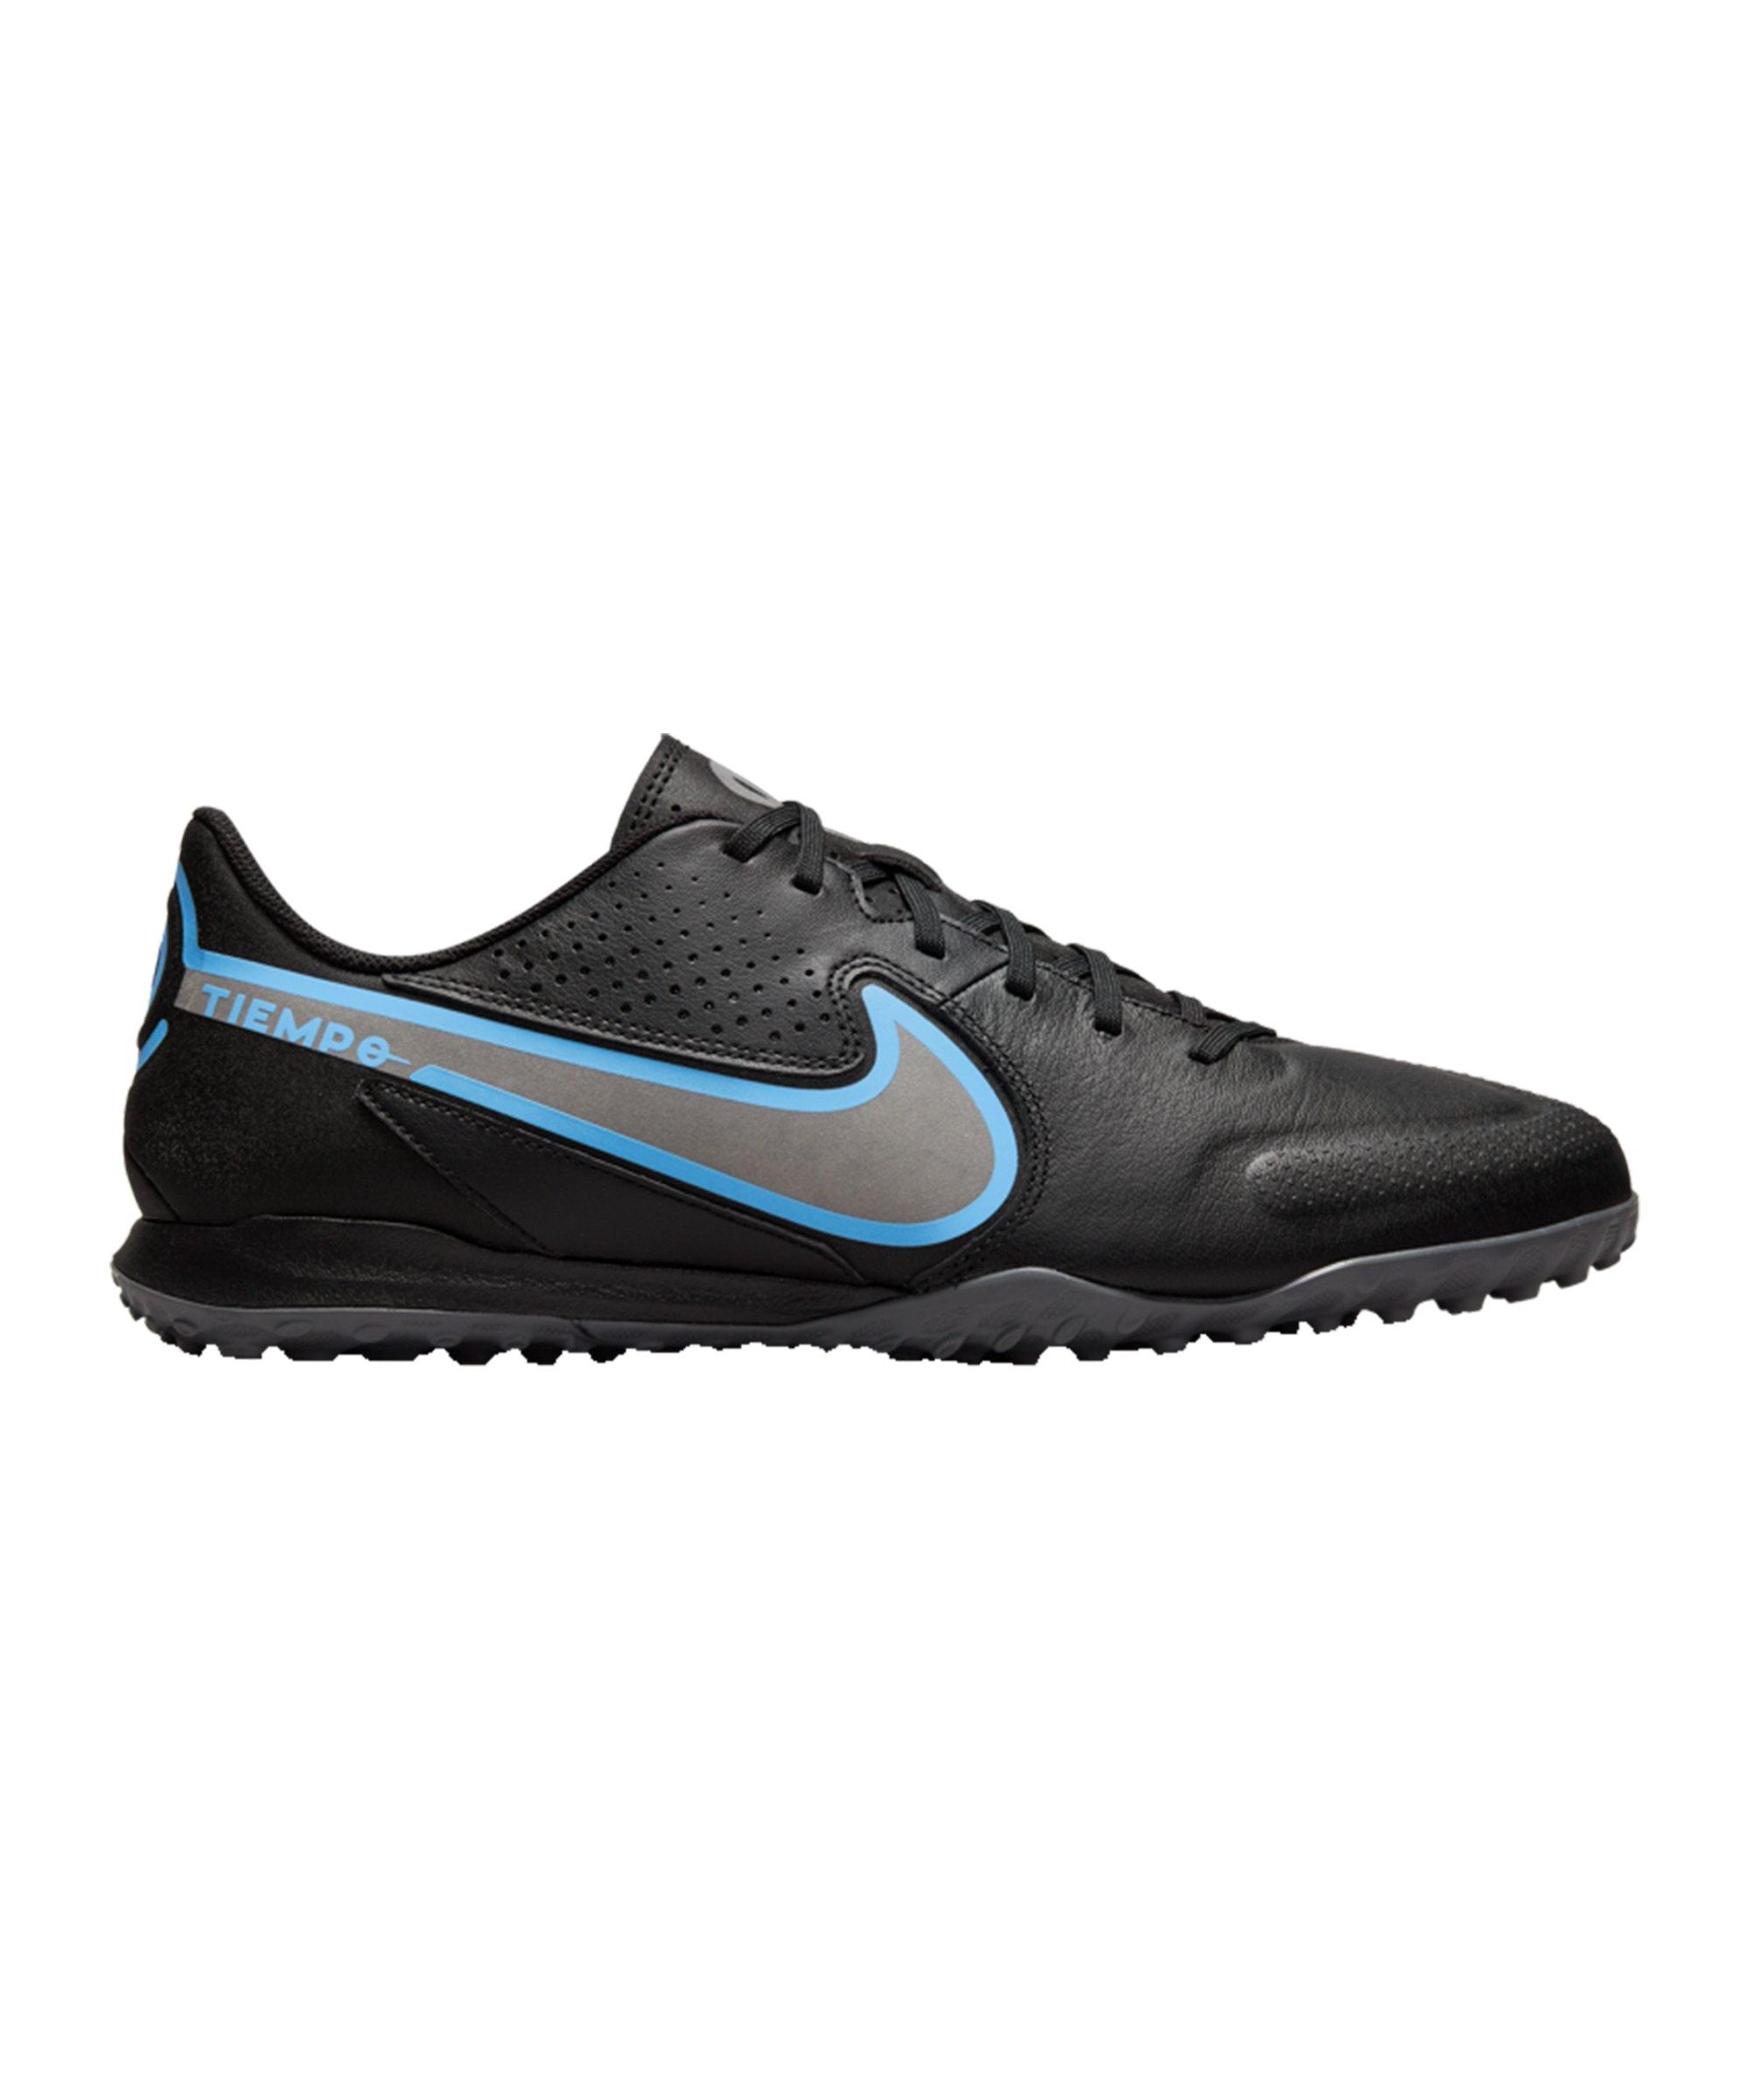 Nike Tiempo Legend IX Renew Academy TF Schwarz Blau F004 - schwarz